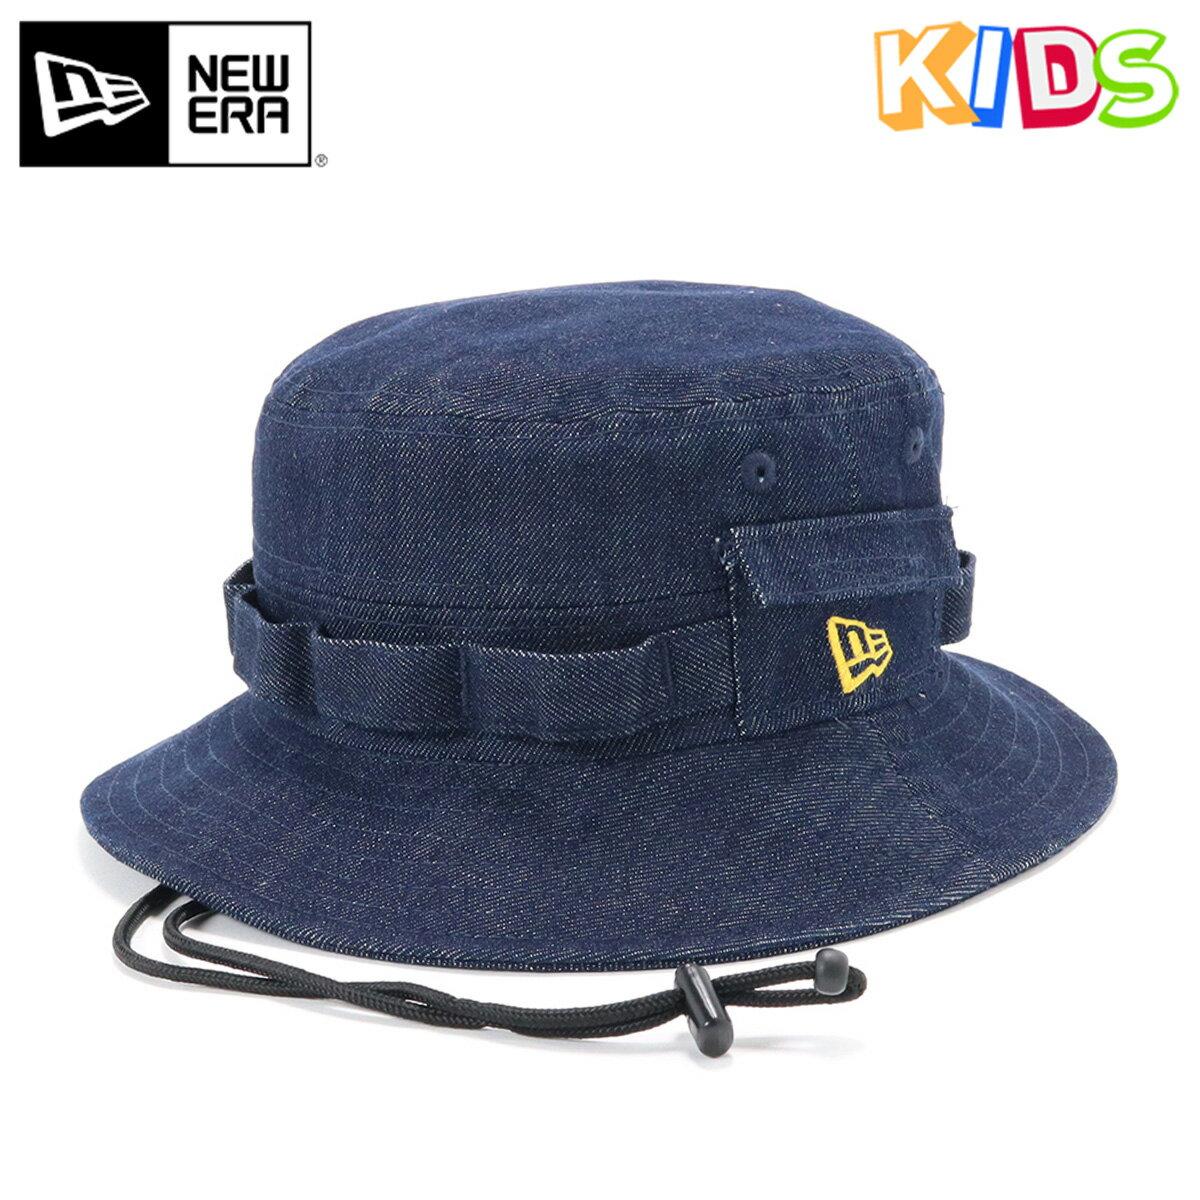 帽子, ハット  New Era KIDS INDIGO DENIM